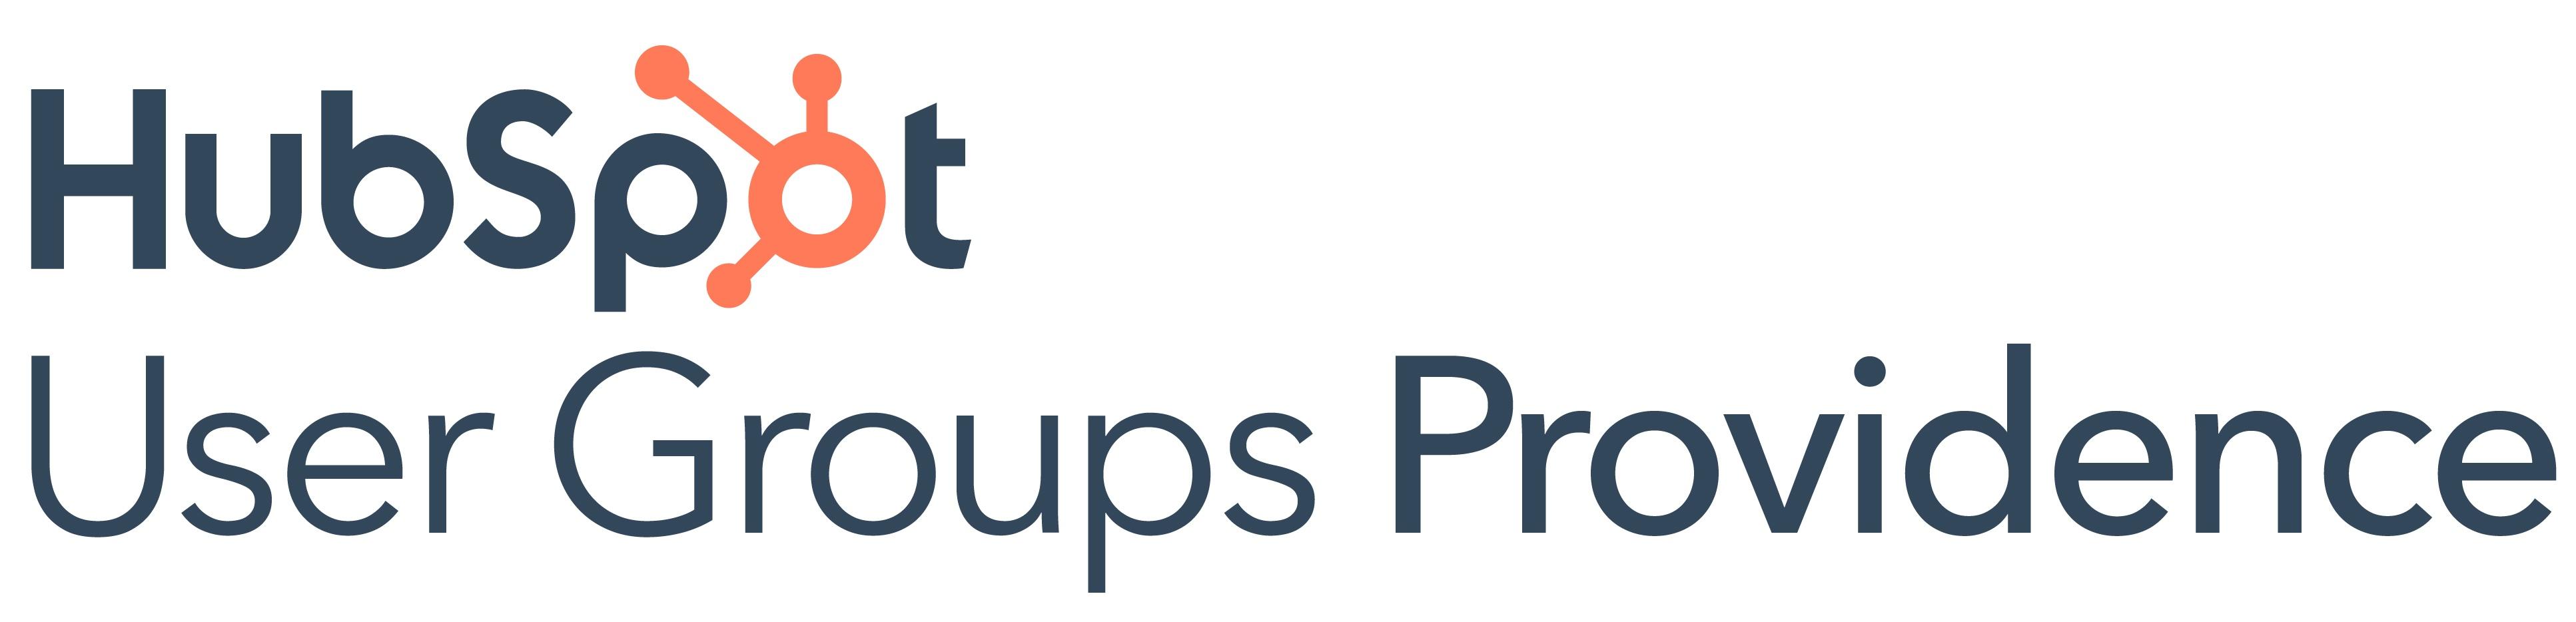 HUG Providence Logo.png